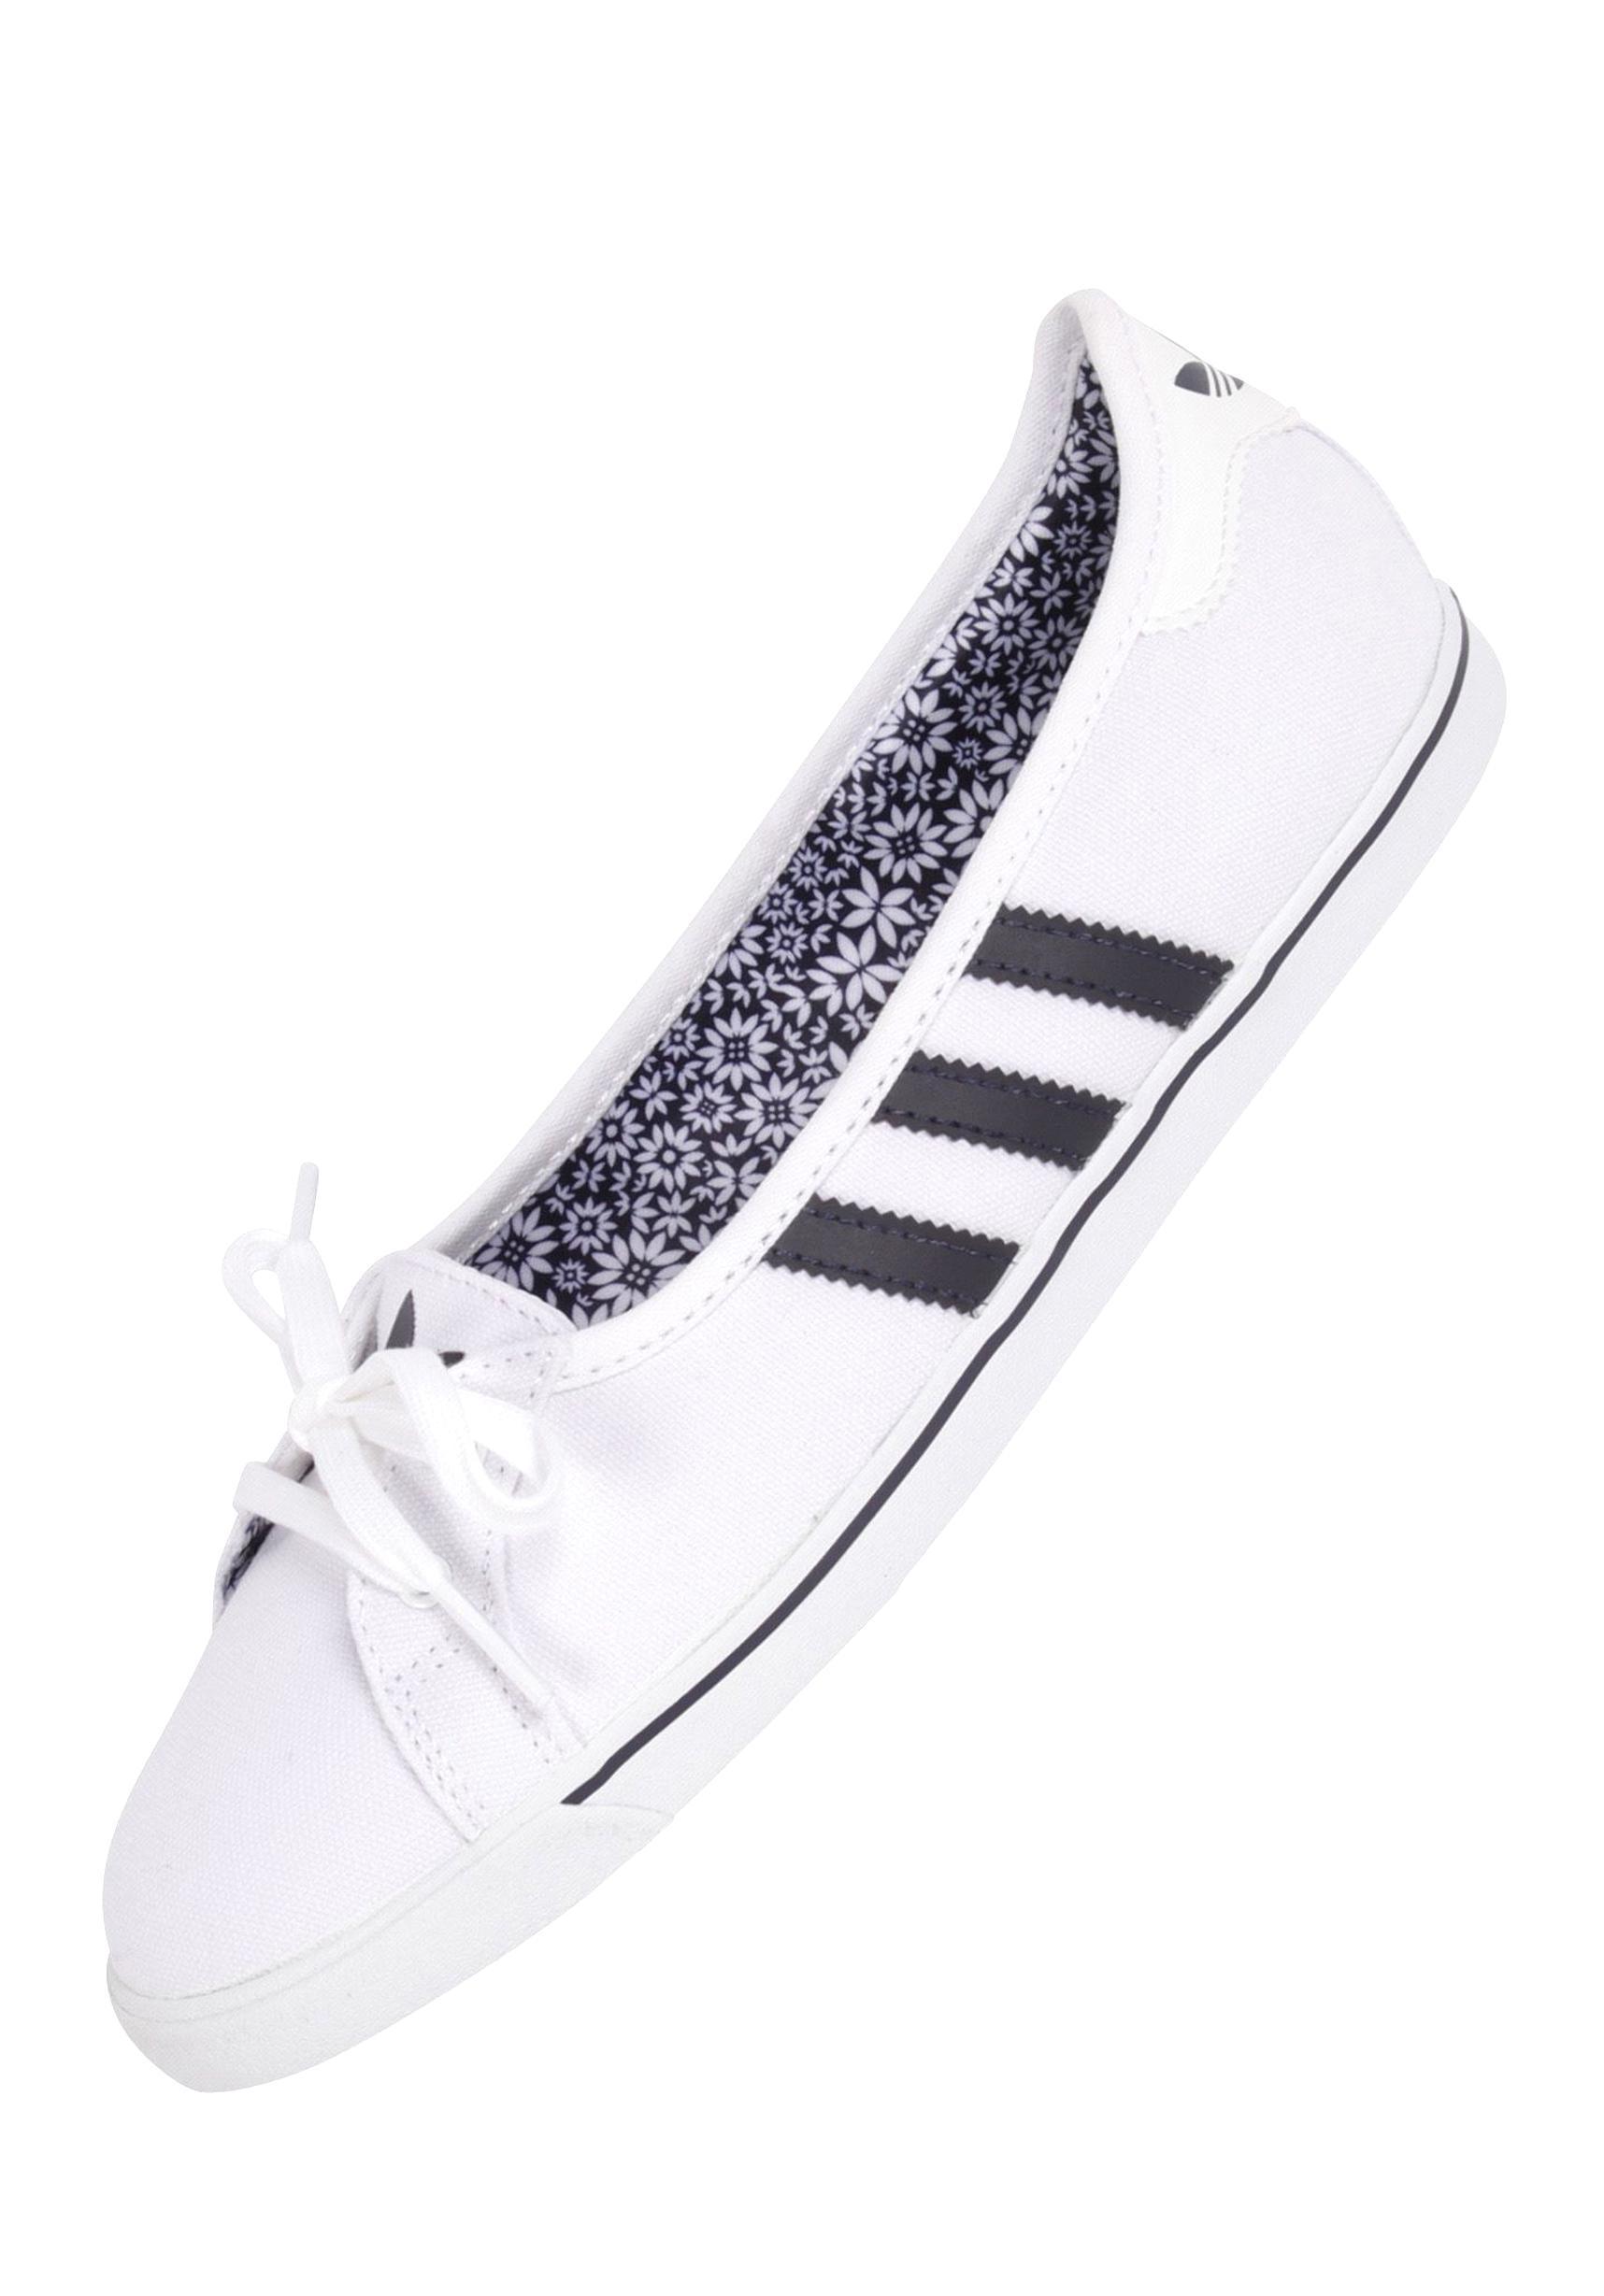 undefeated x picked up good service Adidas Ballerinas gebraucht kaufen! Nur 3 St. bis -60% günstiger